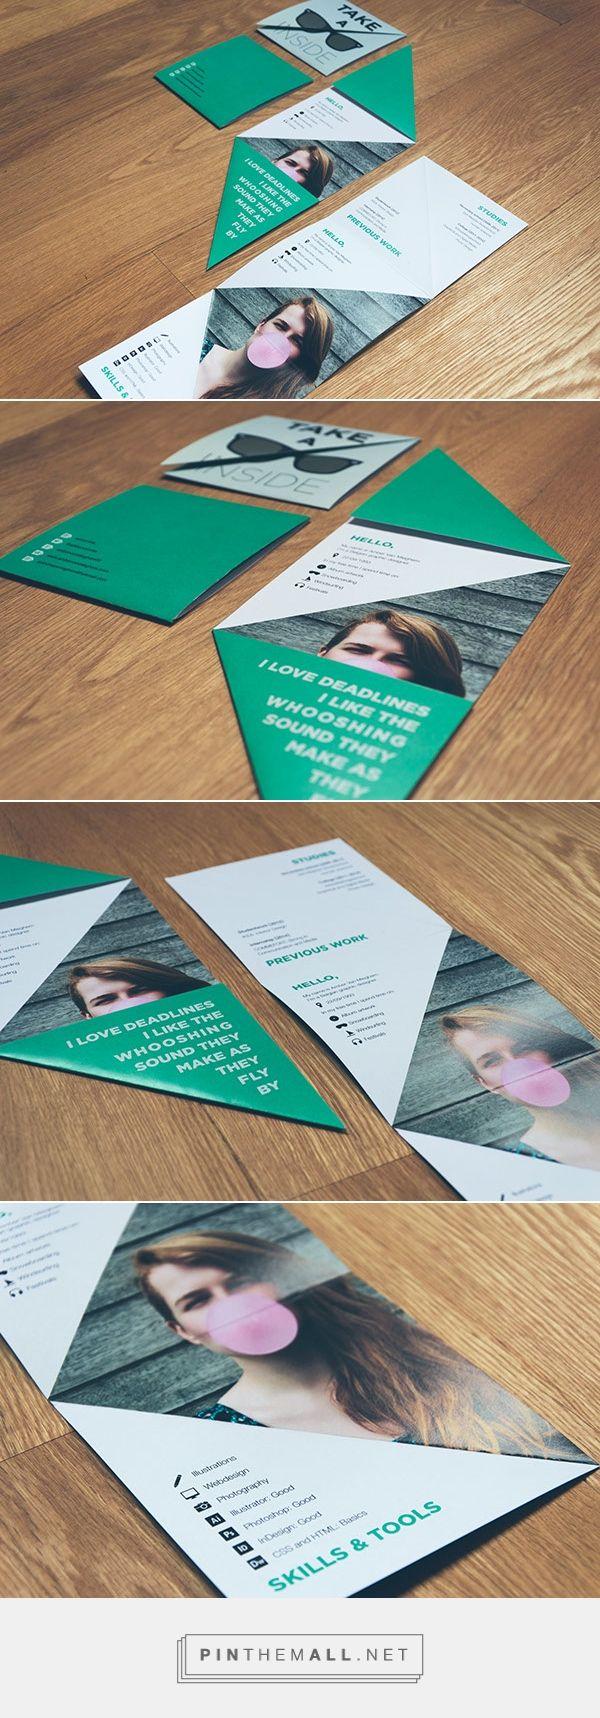 Bewerben geht auch so.... Von Päda.logics! gefunden auf der Pinwand von Behance. Beratungen im pädagogischen und sozialen Berufsfeld: www.paeda-logics.ch oder www.facebook.com/paeda.logics